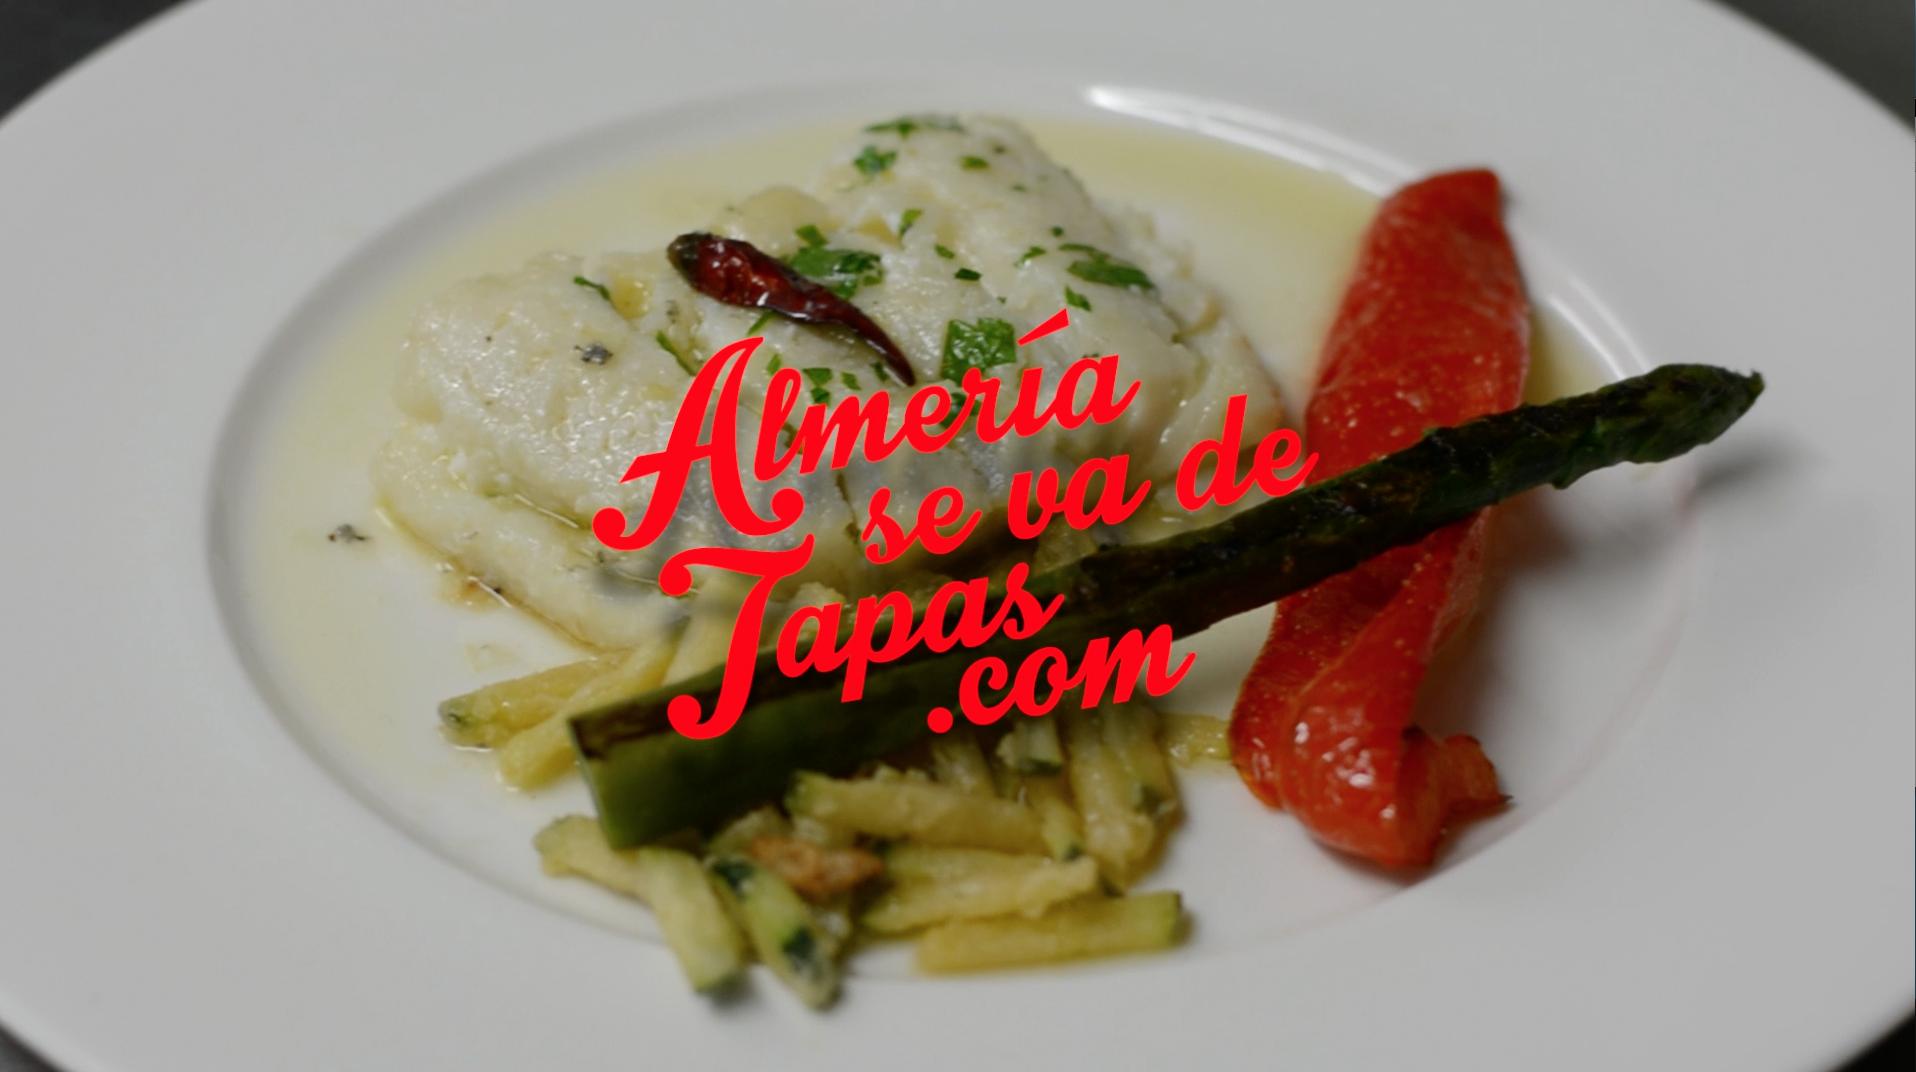 SPOT - Almería se va de tapas